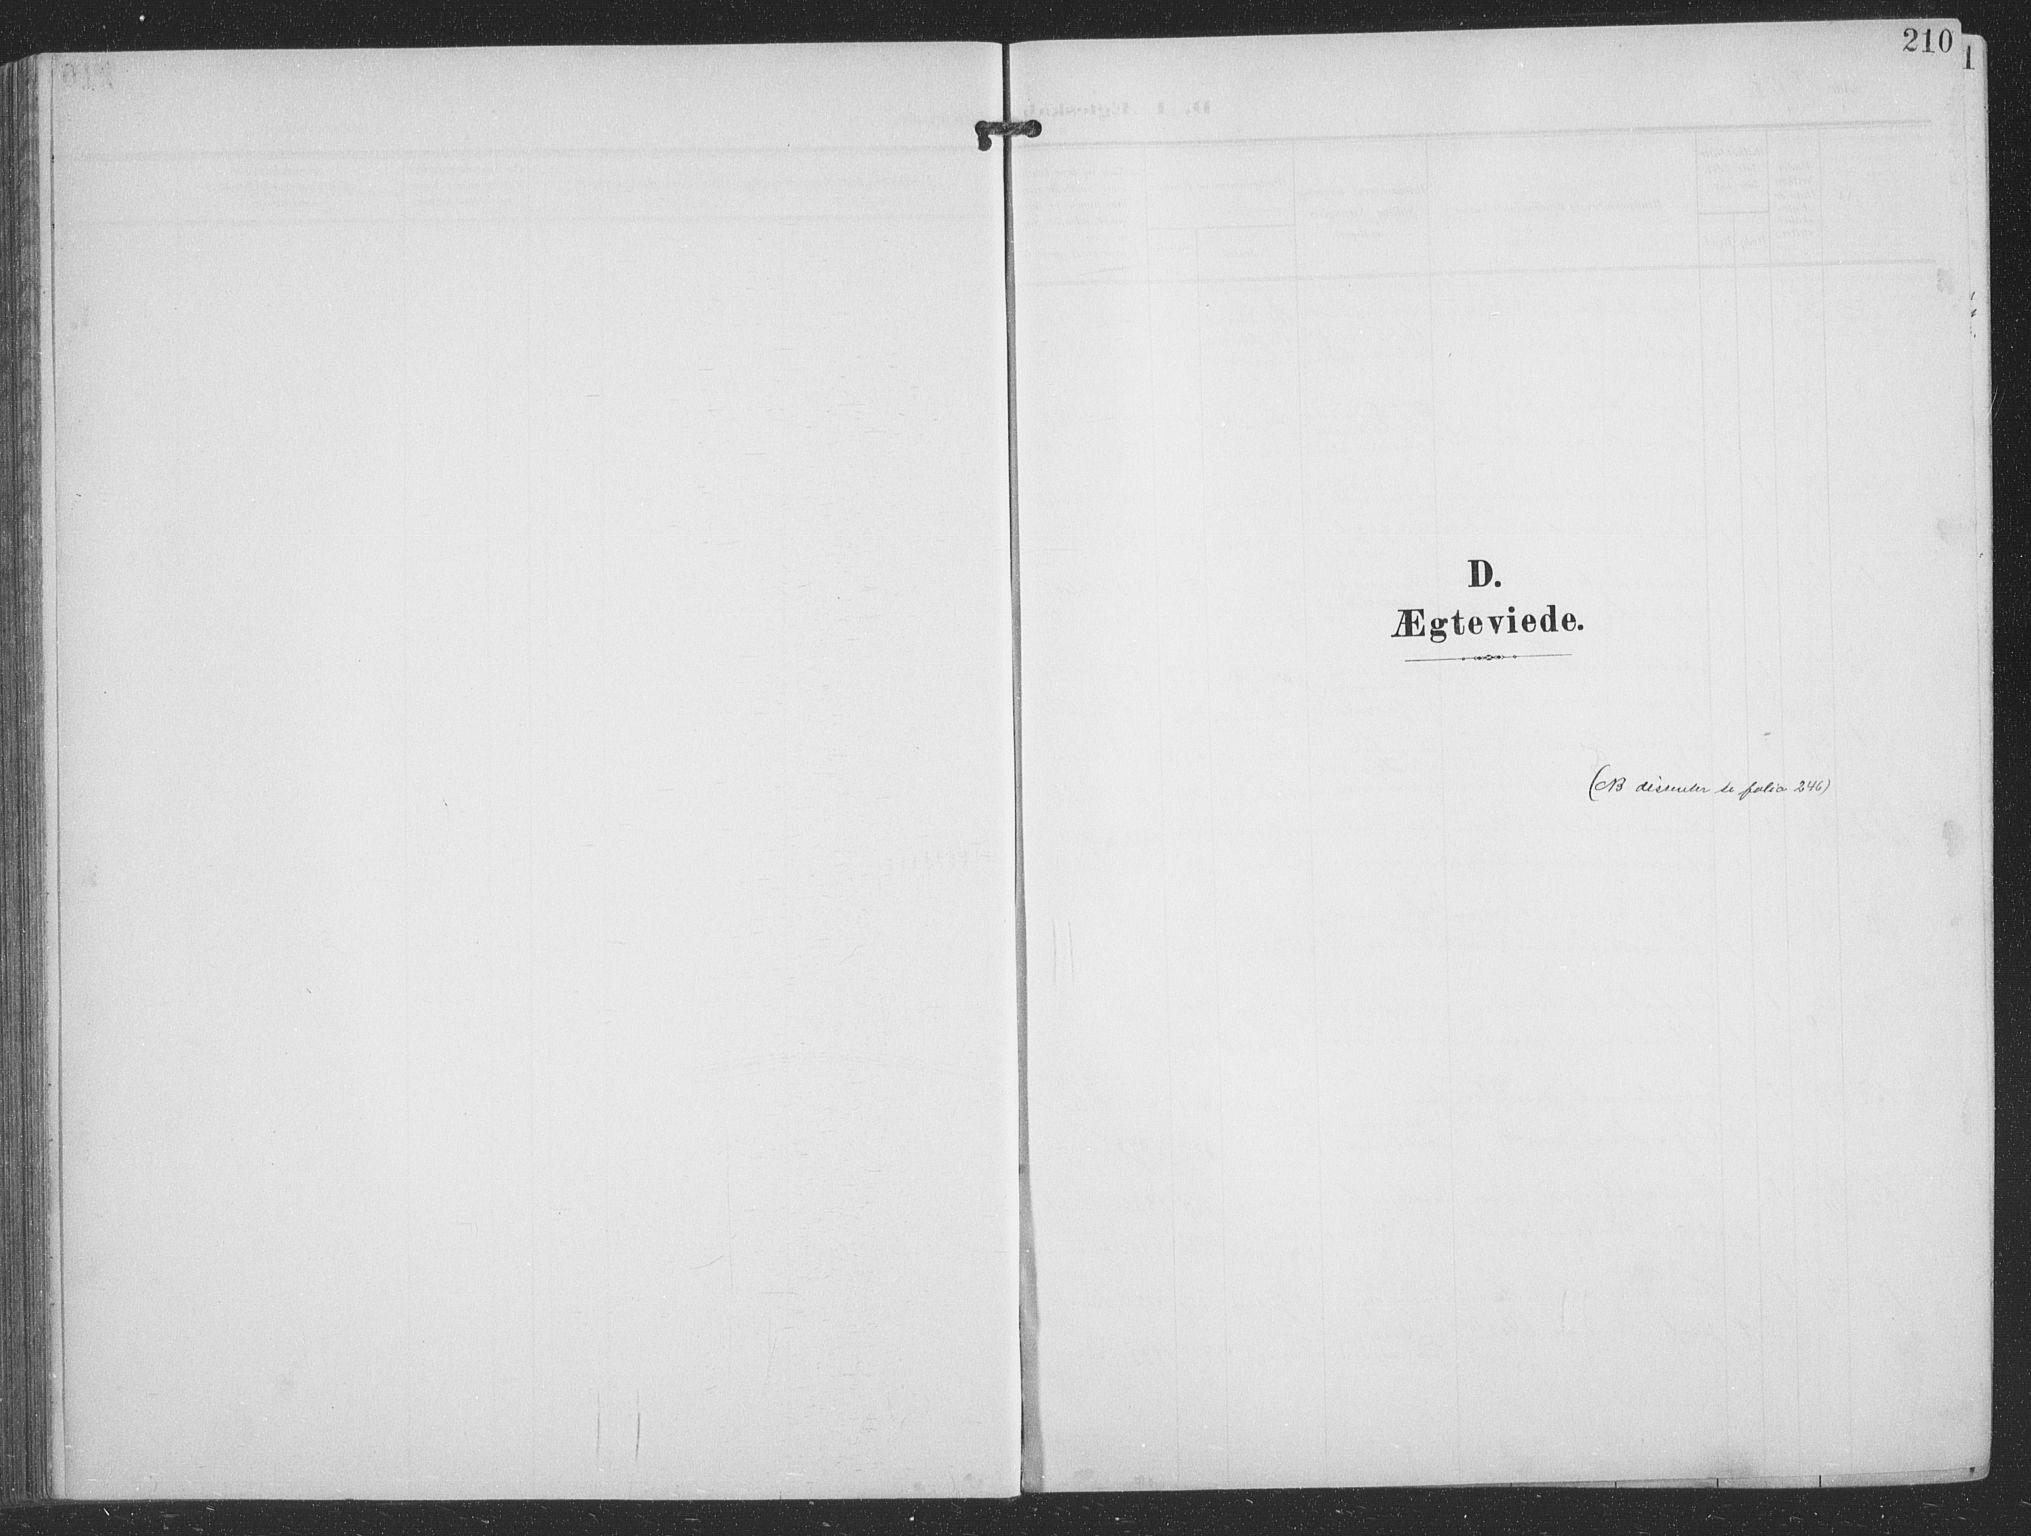 SATØ, Balsfjord sokneprestembete, G/Ga/L0009klokker: Klokkerbok nr. 9, 1906-1920, s. 210